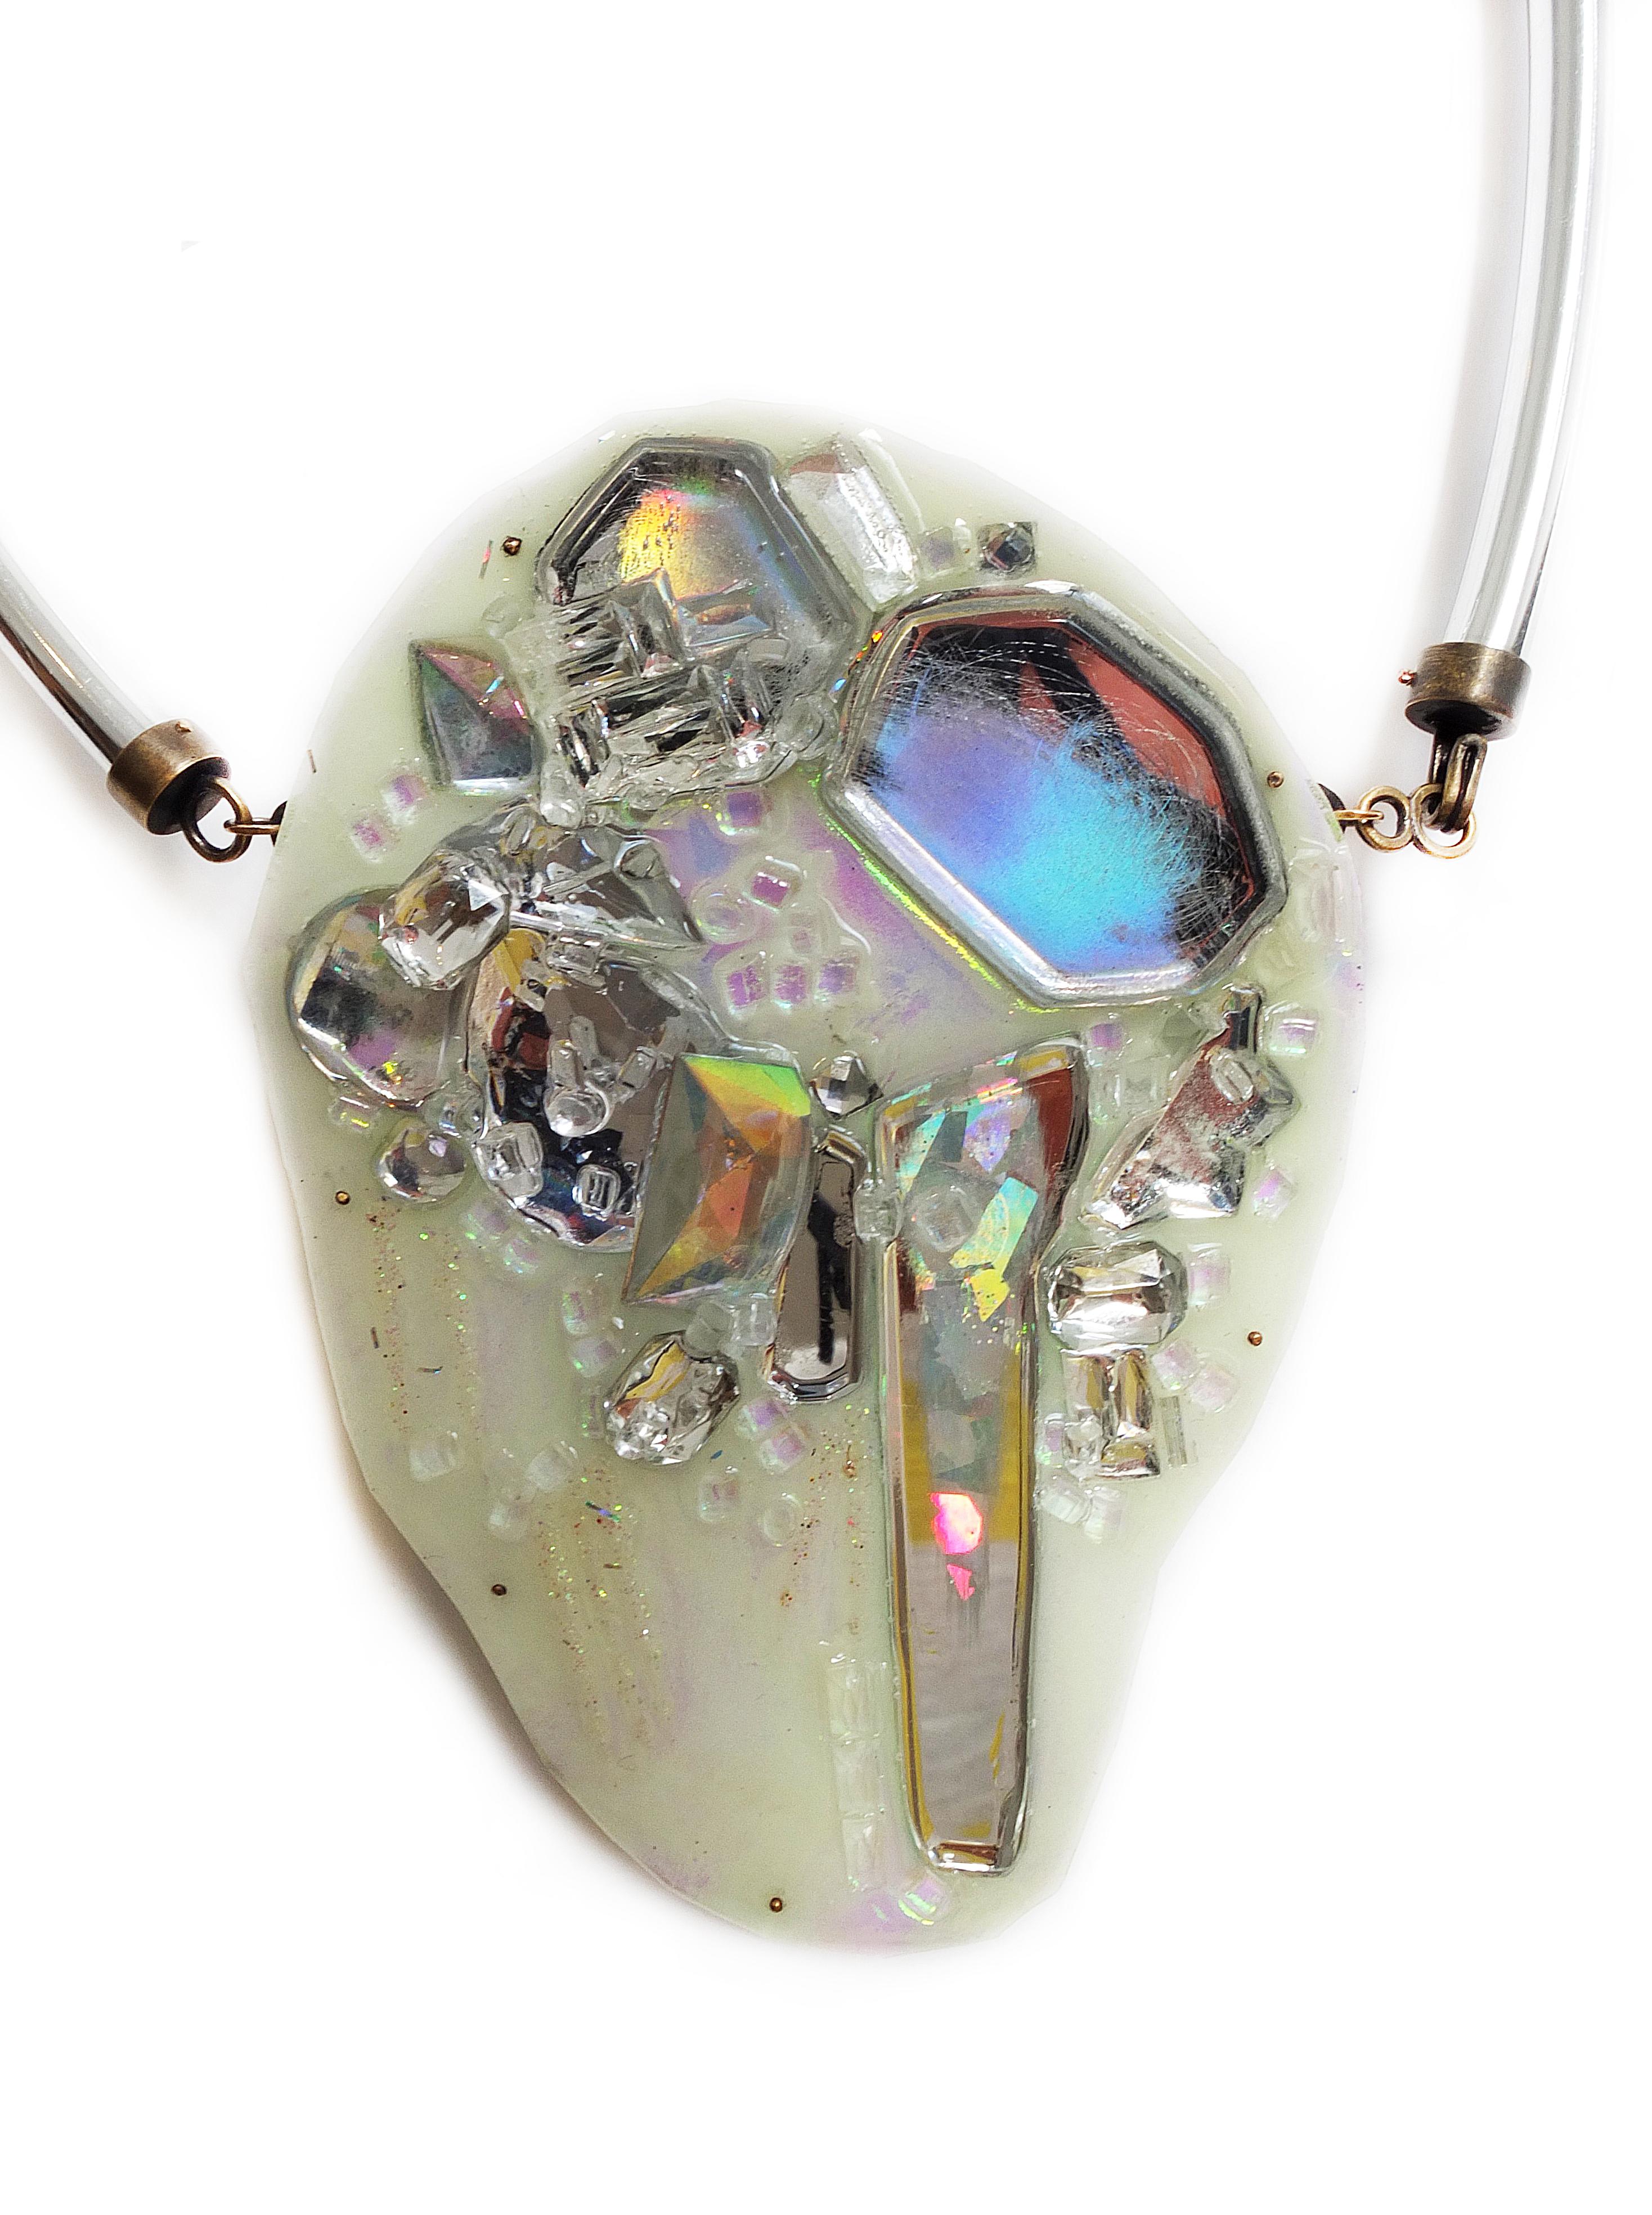 Nikki Couppee, Glow Gems Necklace, Plexiglass, brass, found objects